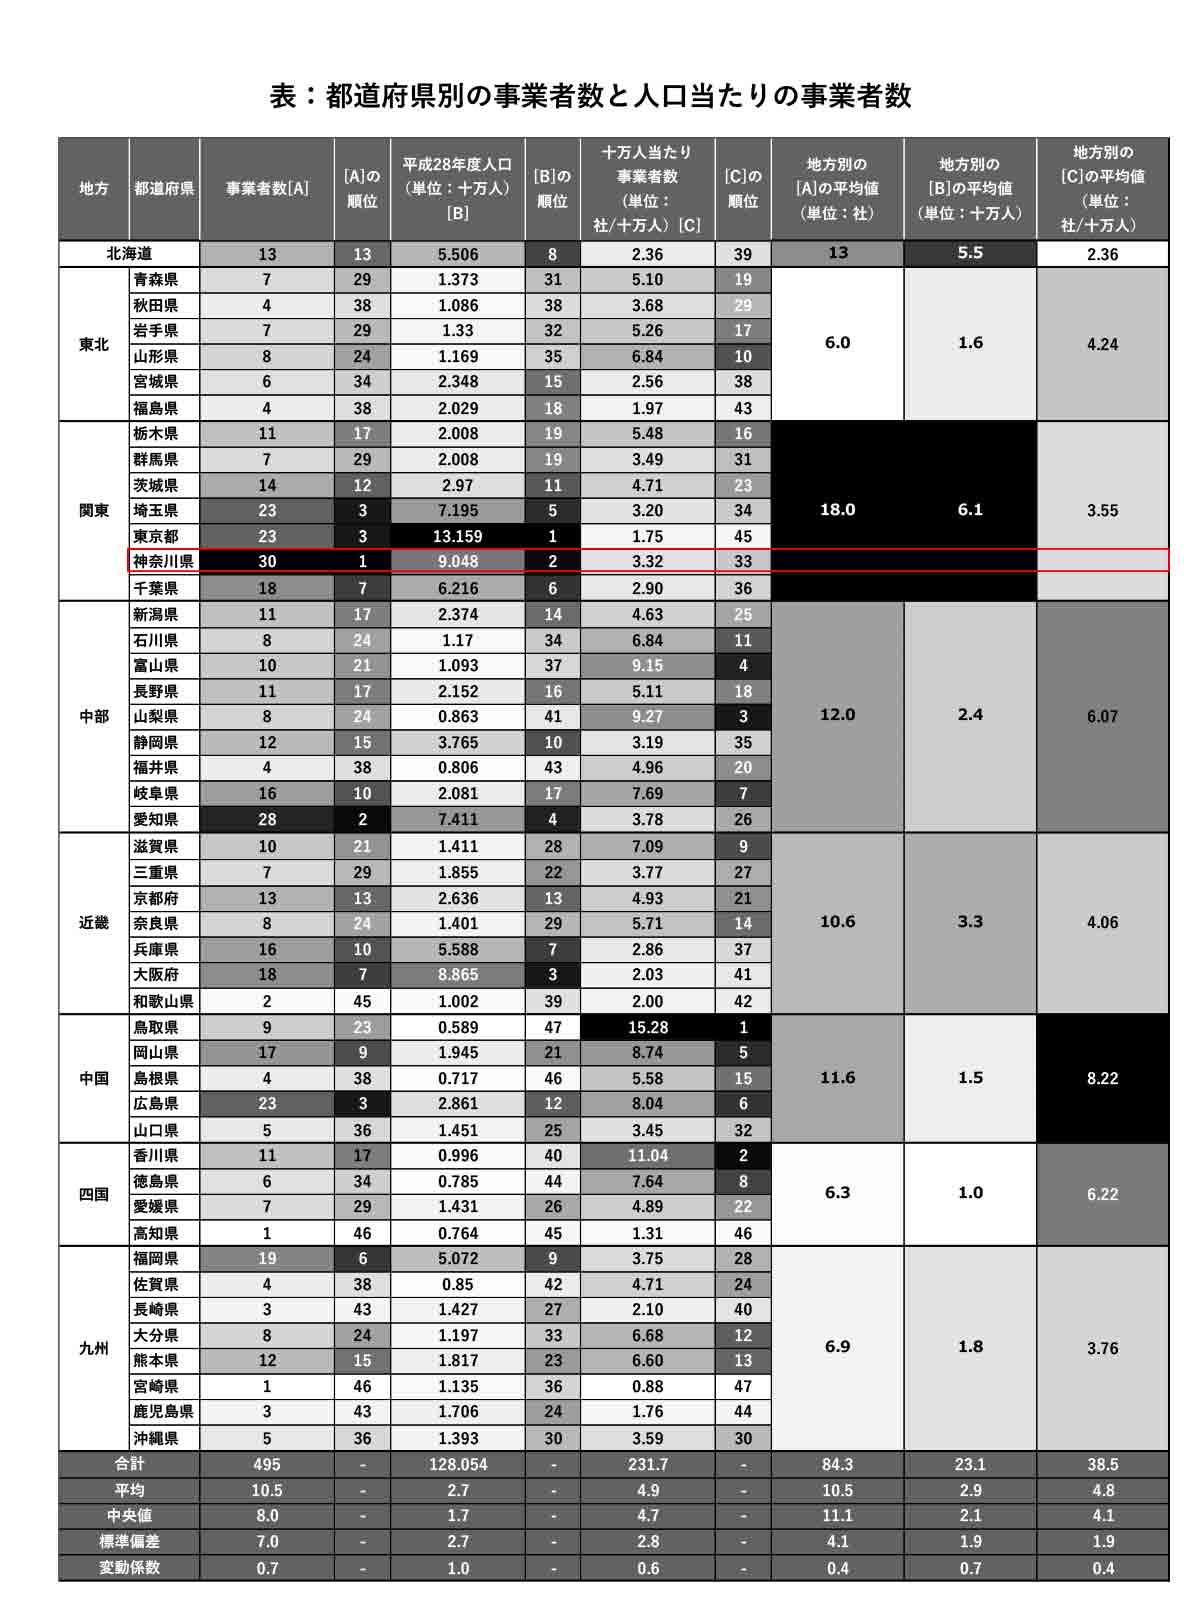 都道府県別の事業者数と人口当たりの事業者数